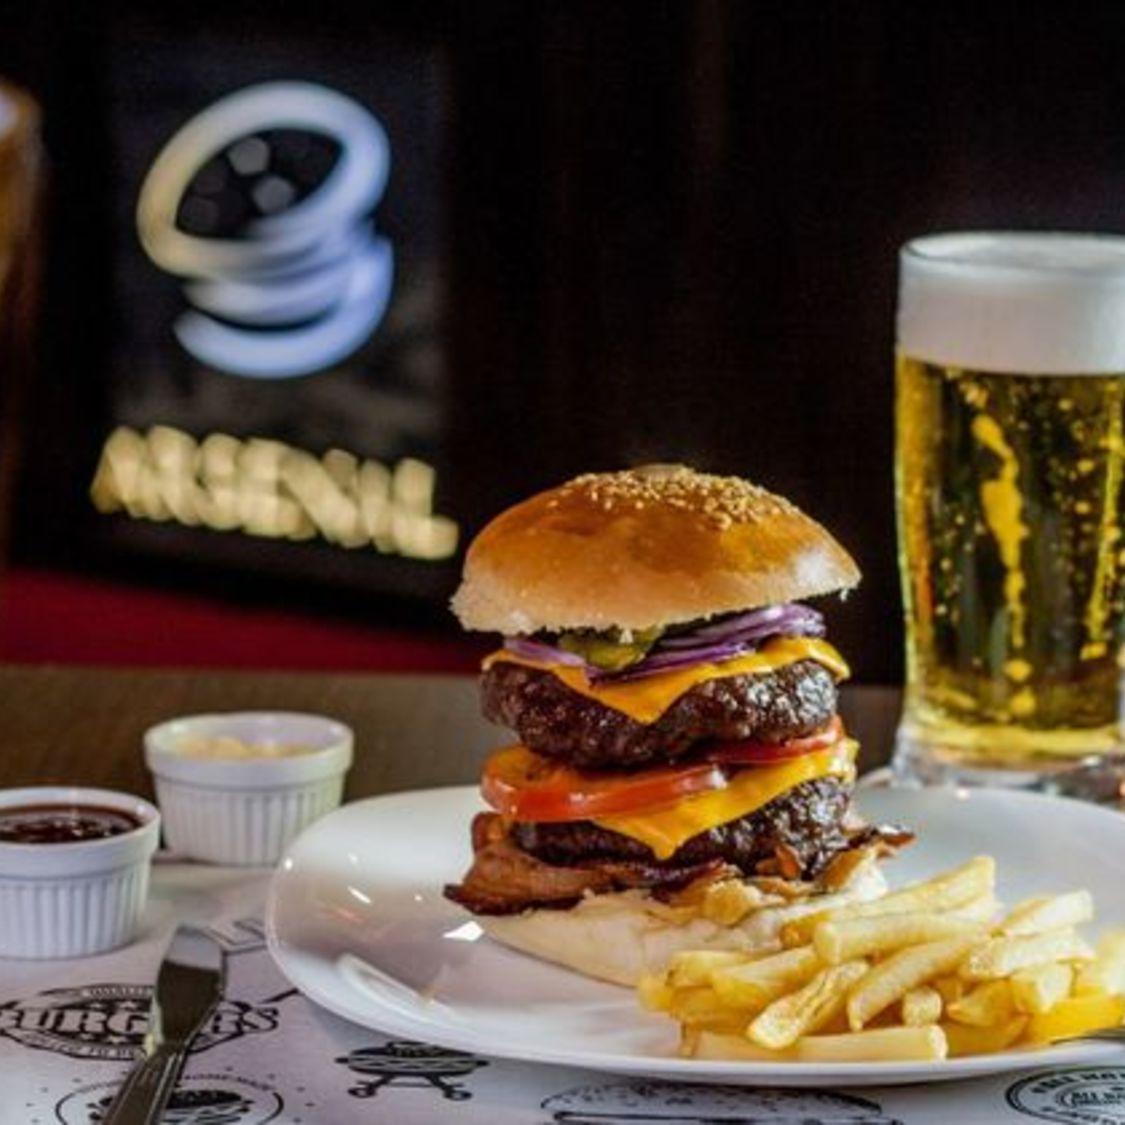 Arsenal Burgers & Beers